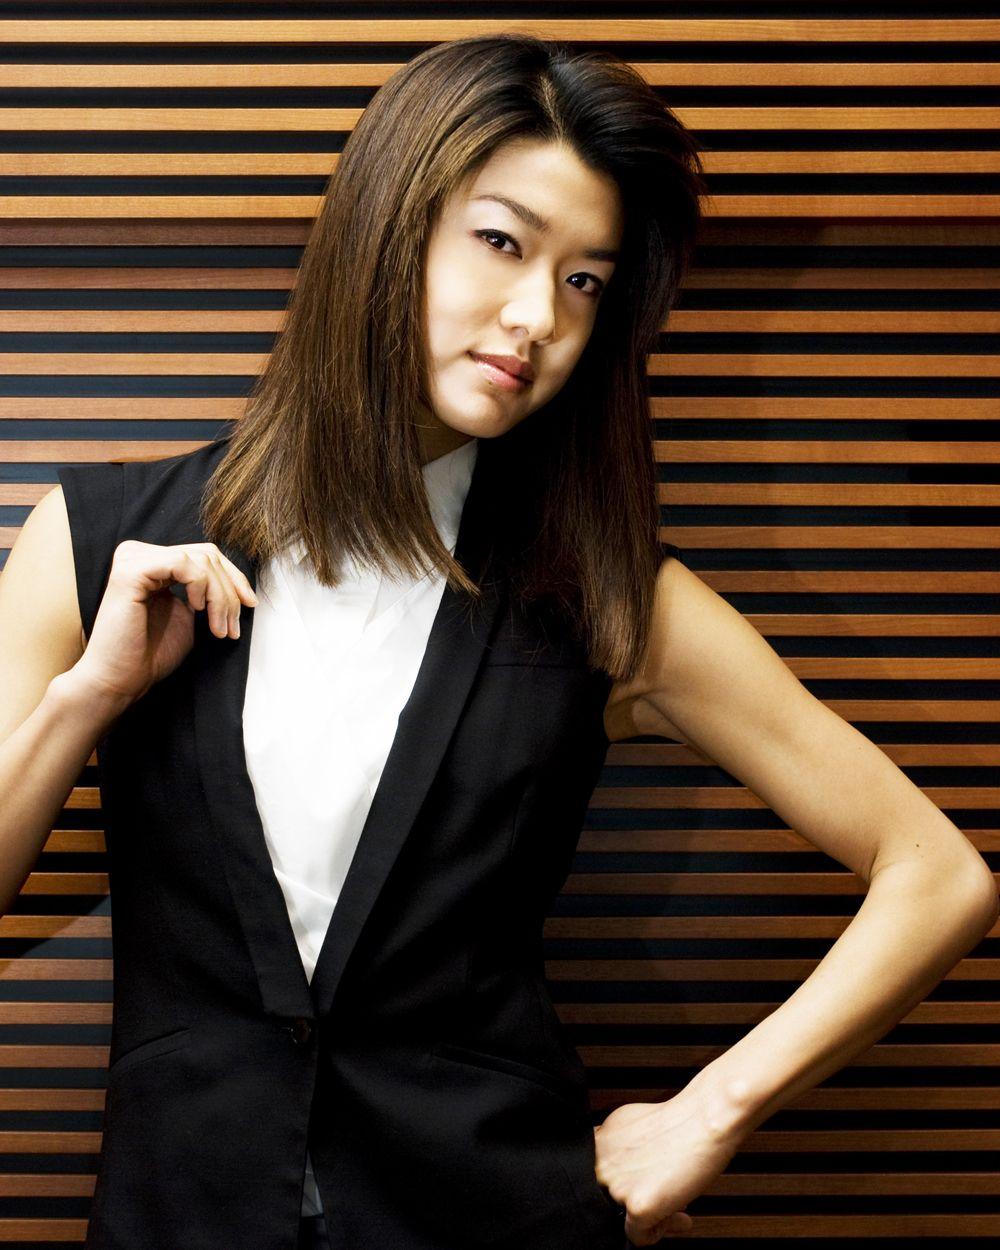 Grace Park Photos - Actress Photosz